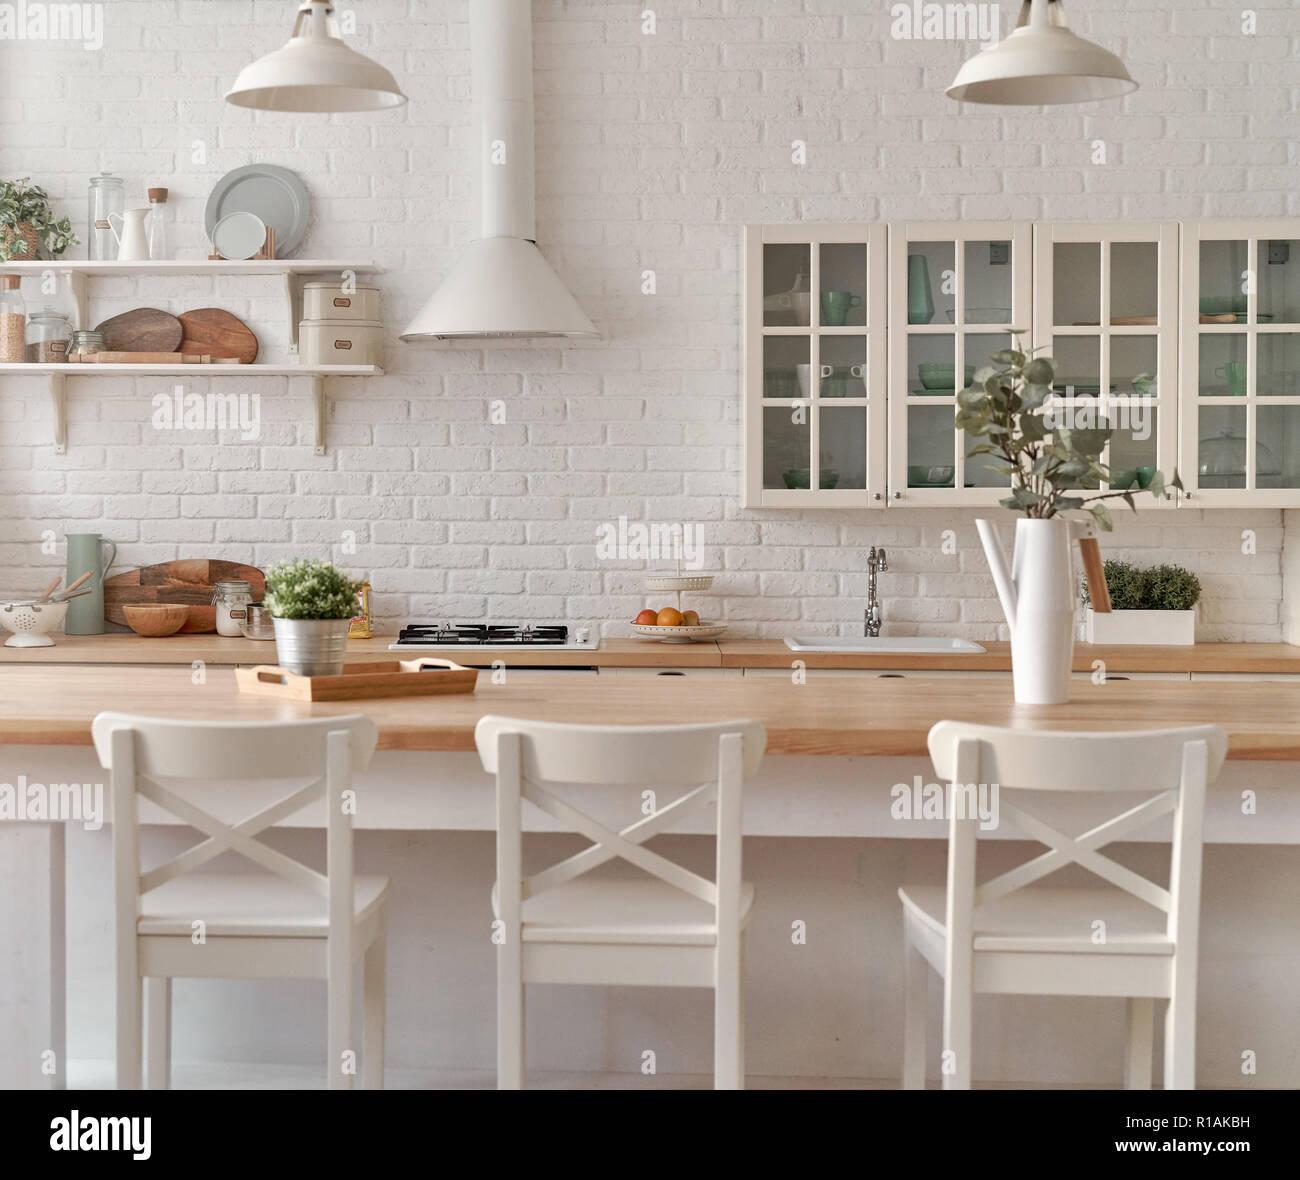 Küche Küche Tisch mit Stühlen. Küche Hintergrund Stockfoto, Bild ...